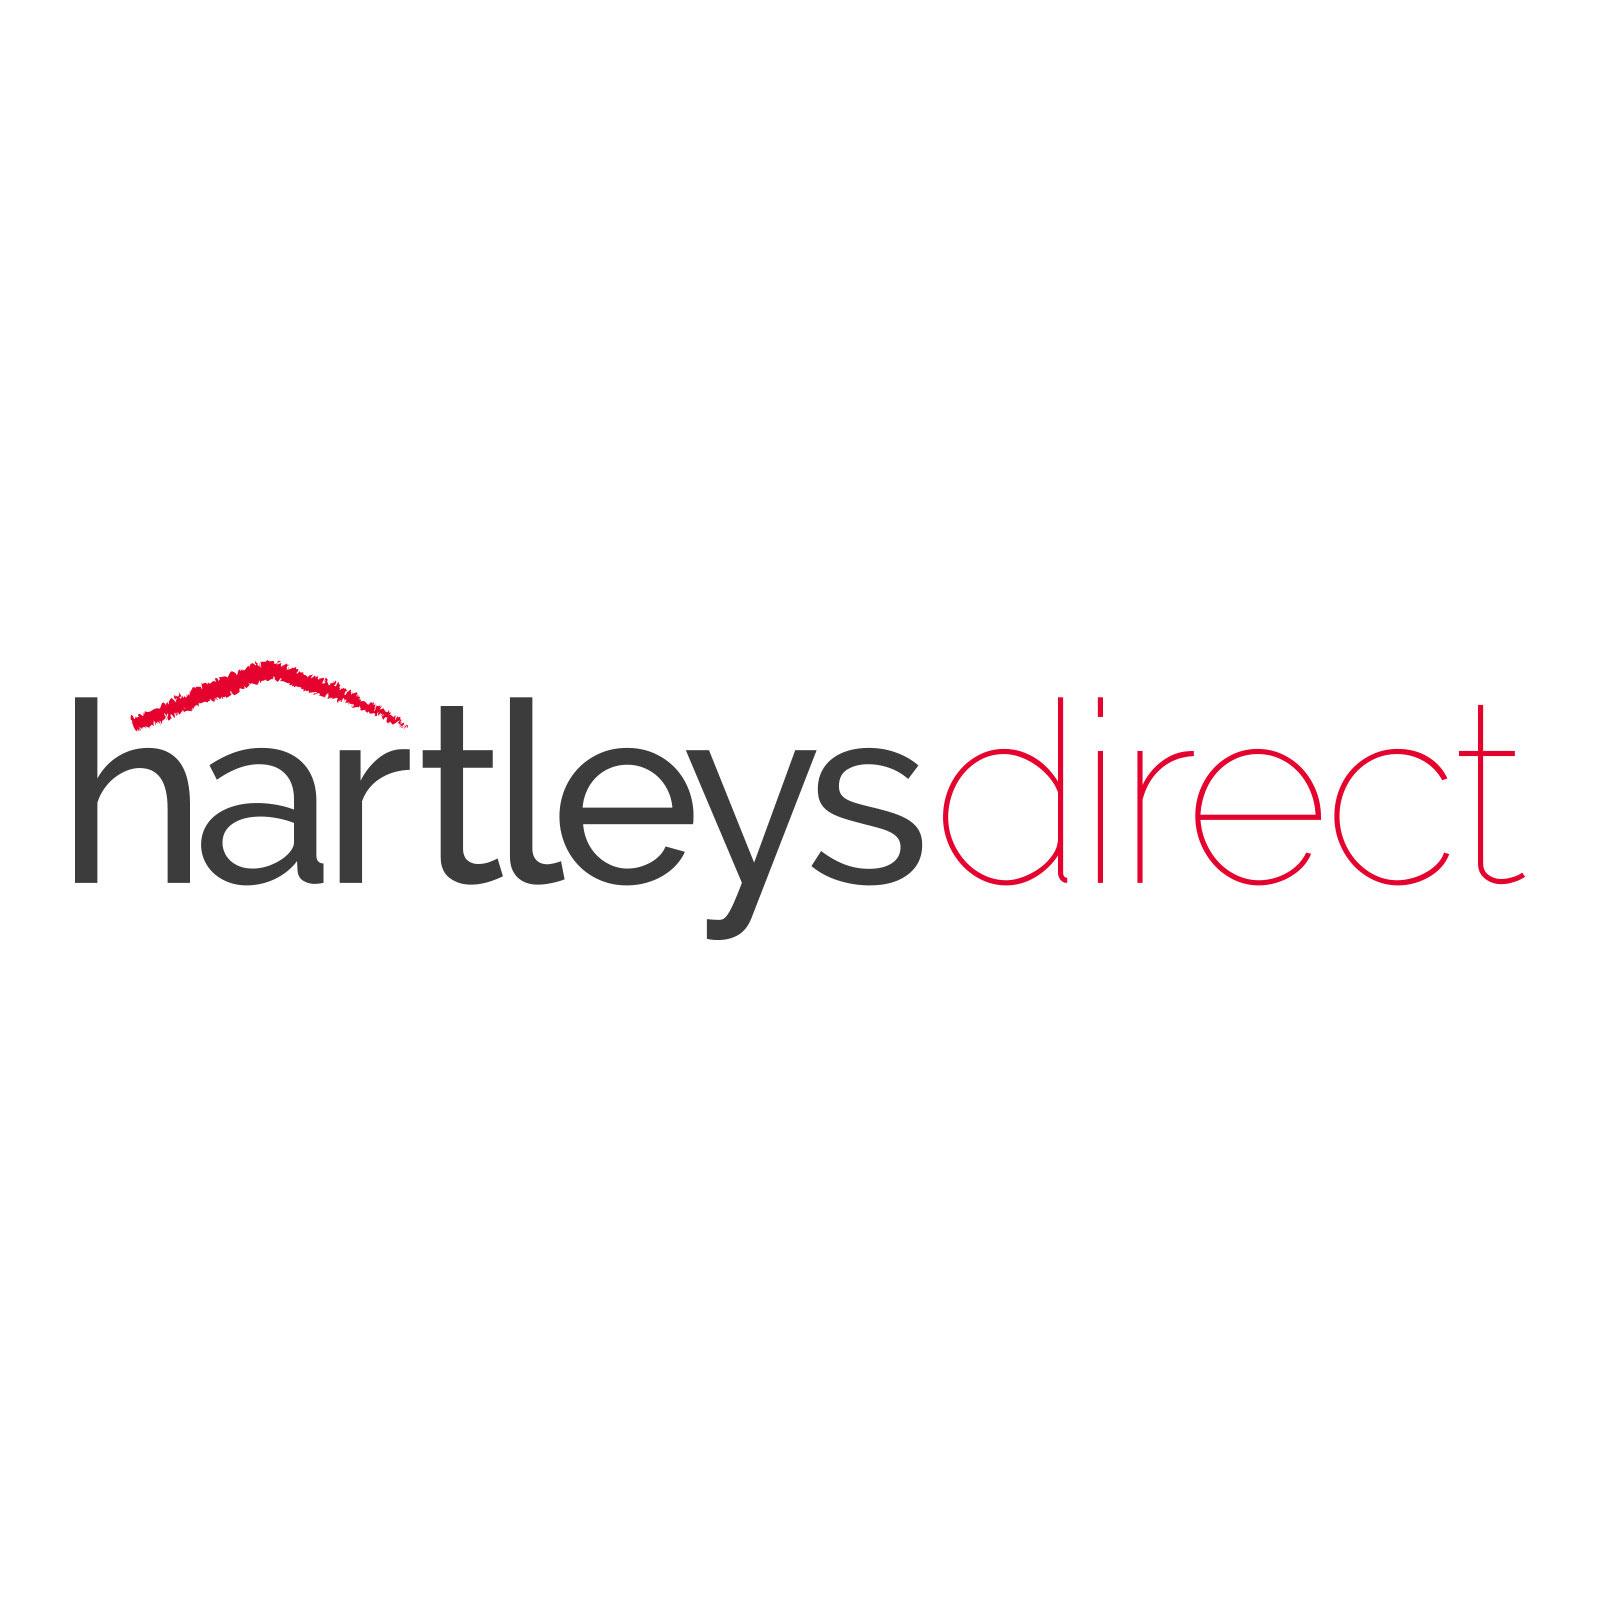 Hartleys-4ft-Folding-Table-on-White-Background.jpg